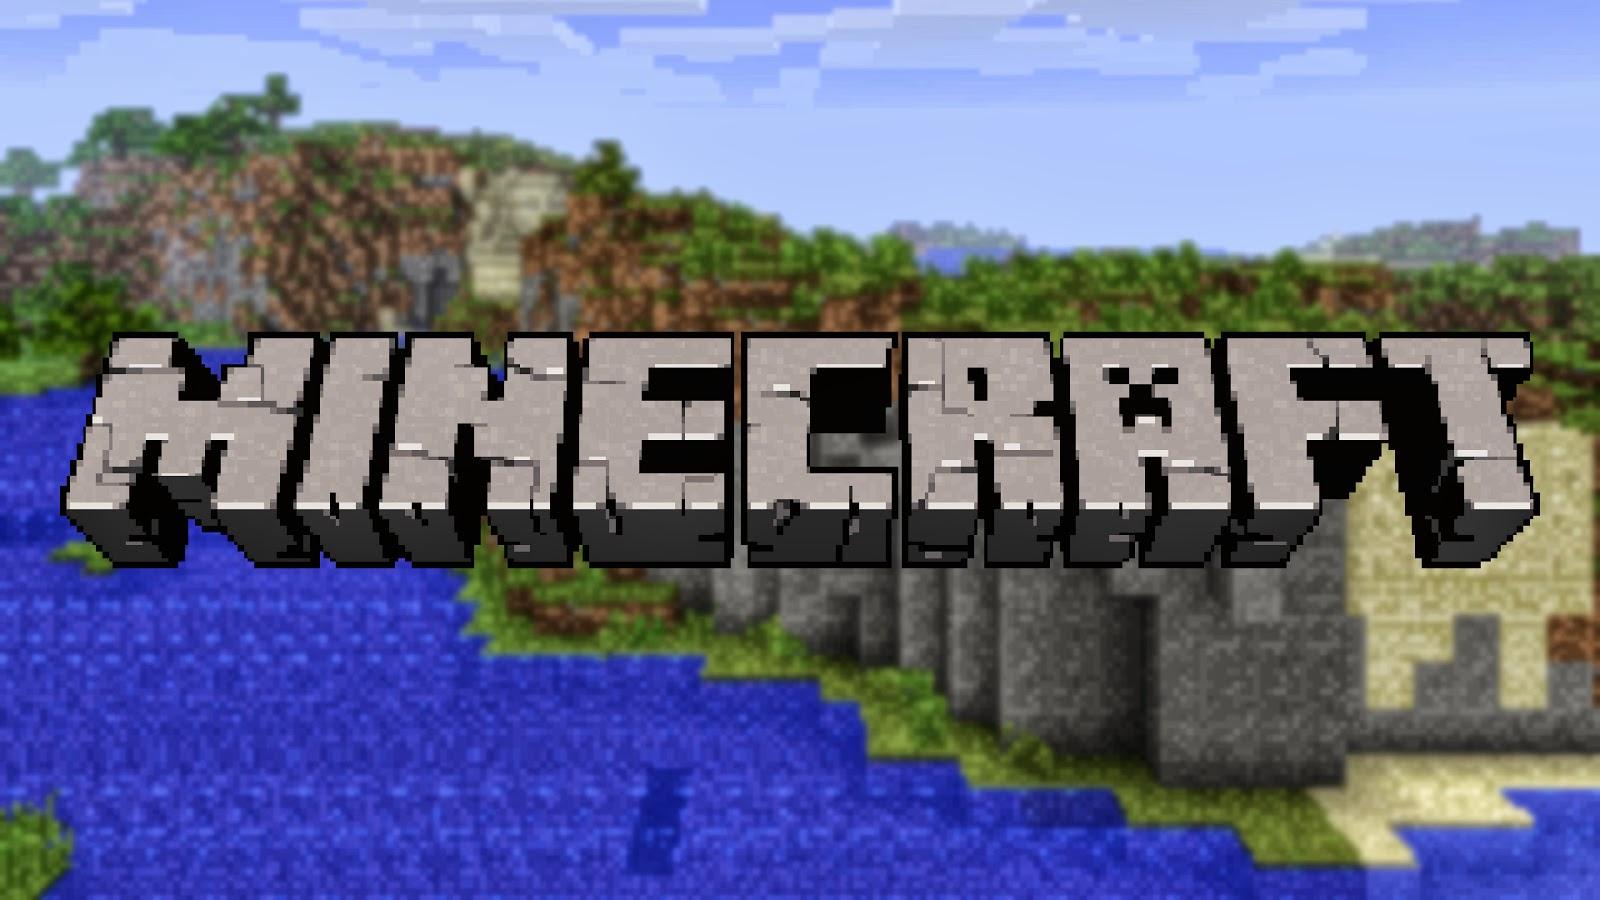 minecraft 1.6 4 launcher download